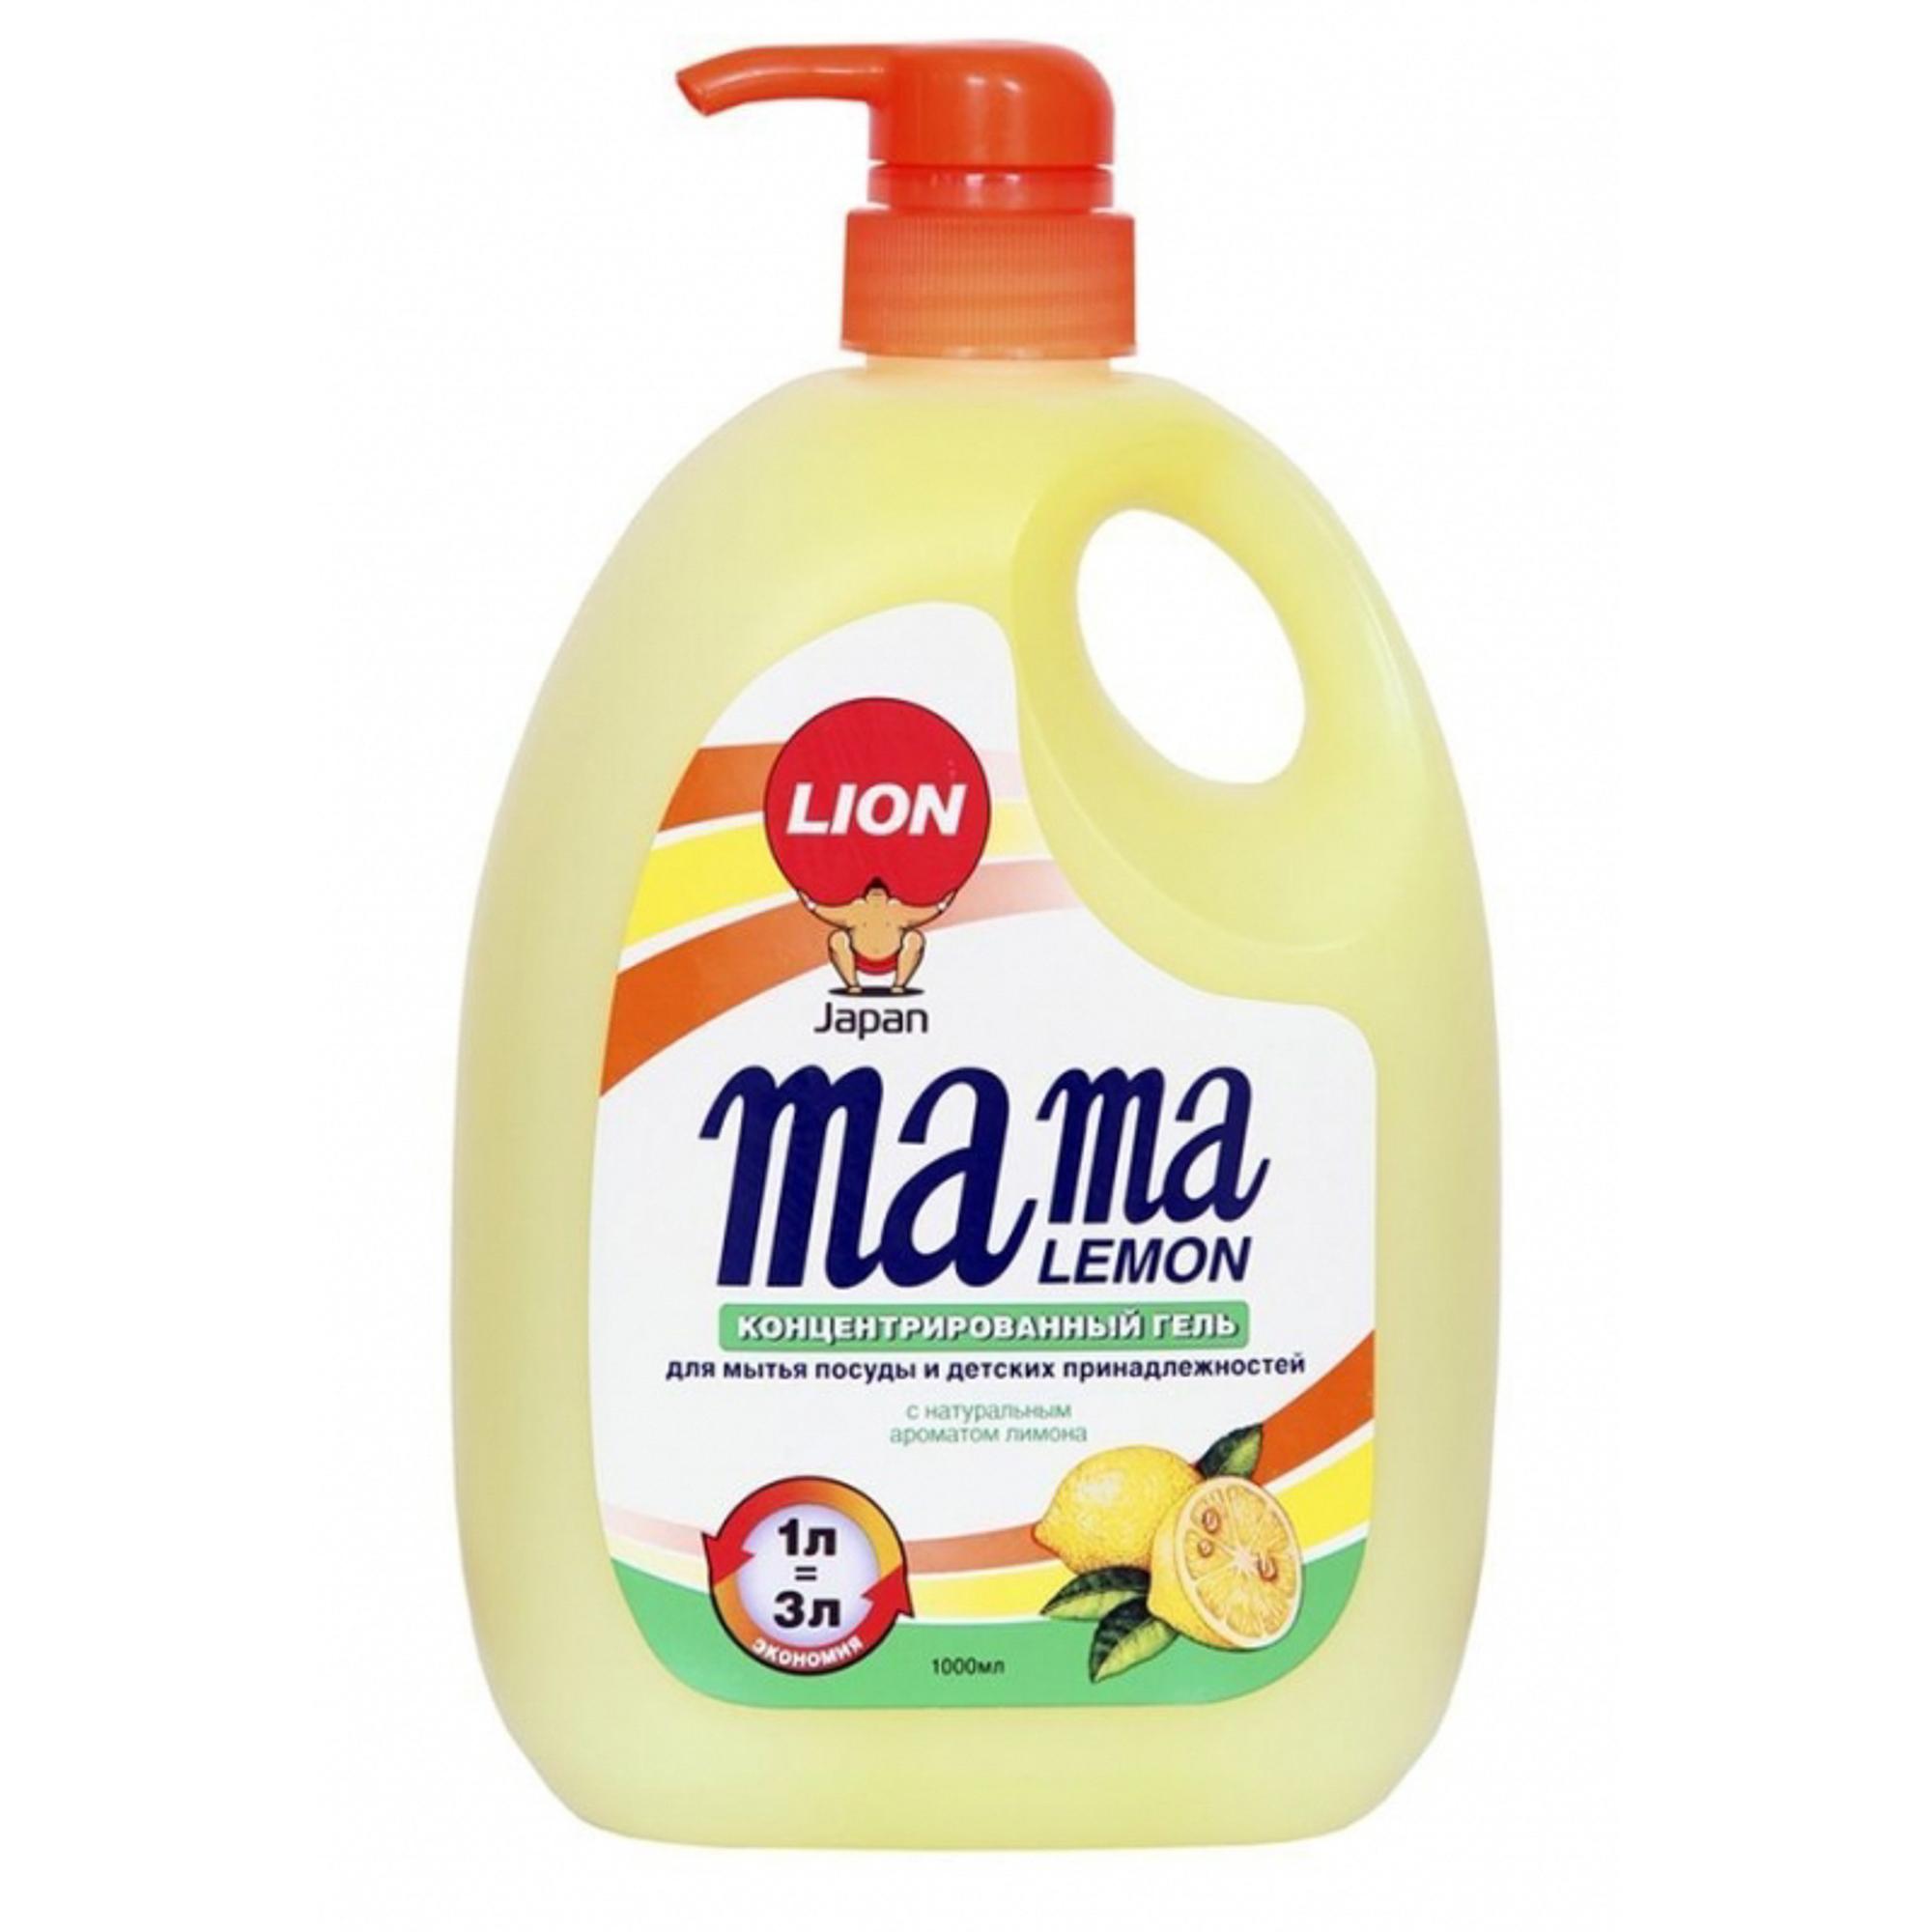 Фото - Средство Mama Lemon для мытья посуды Лимон 1 л frosch средство для мытья посуды зелёный лимон 0 5 л